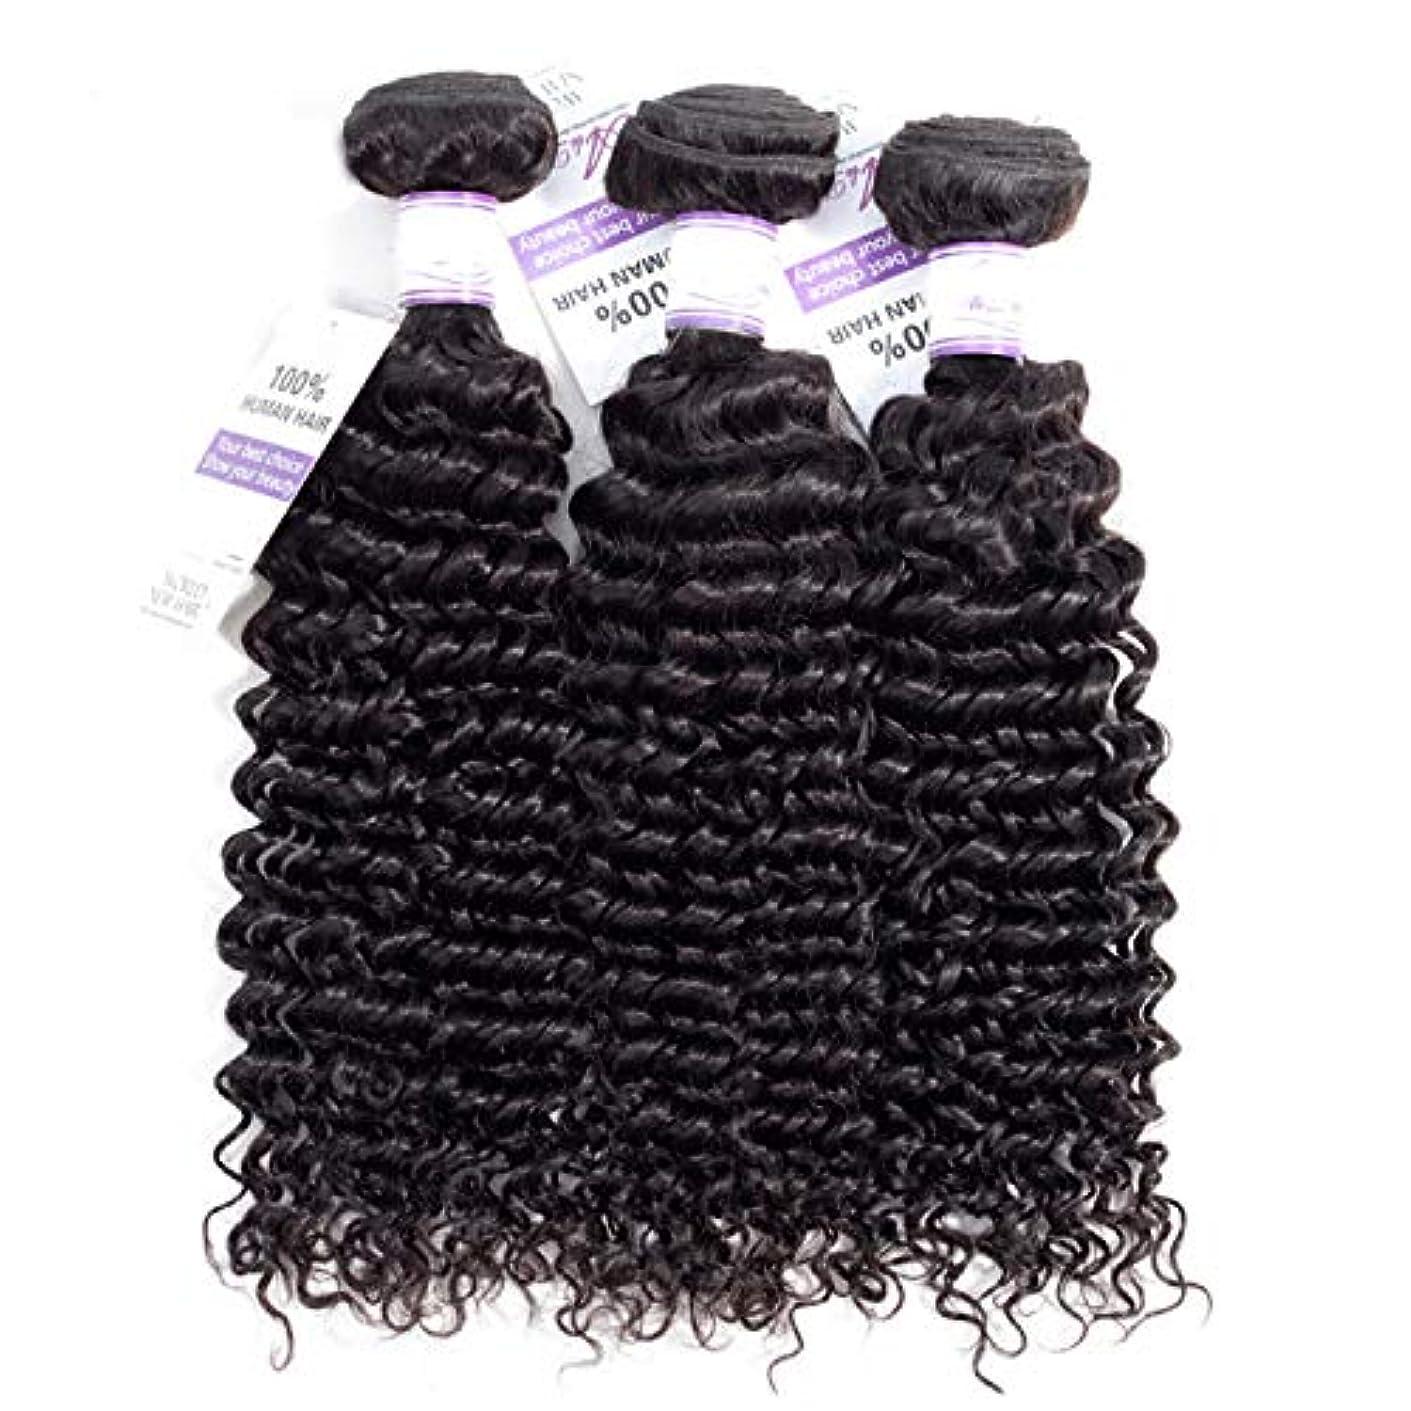 これら請願者牧師ブラジルのディープウェーブヘア織りバンドル100%人毛製織ナチュラルカラー非レミー髪は3個購入することができます (Stretched Length : 16 16 16 inches)